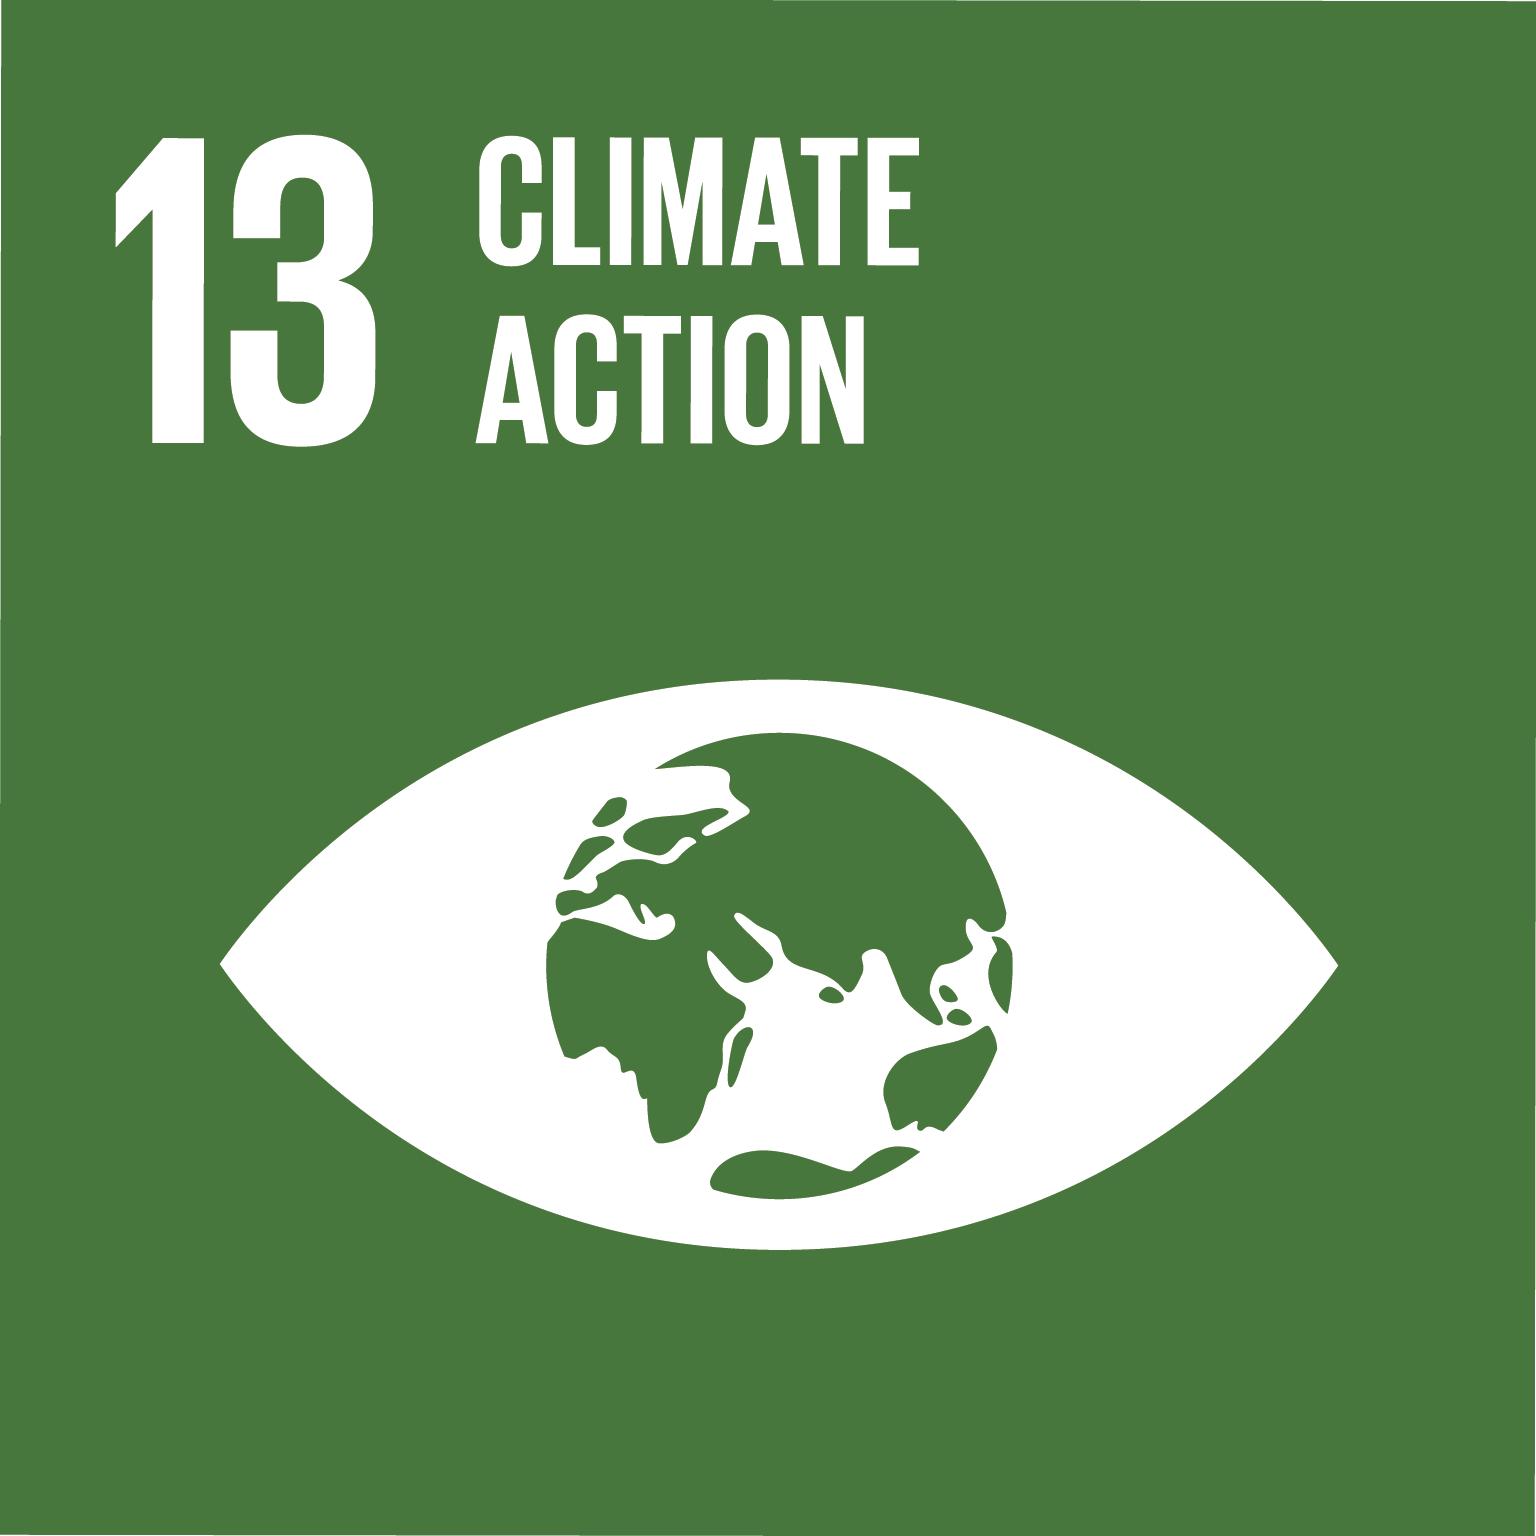 Icona Climate action con occhio con pupilla a forma di terra